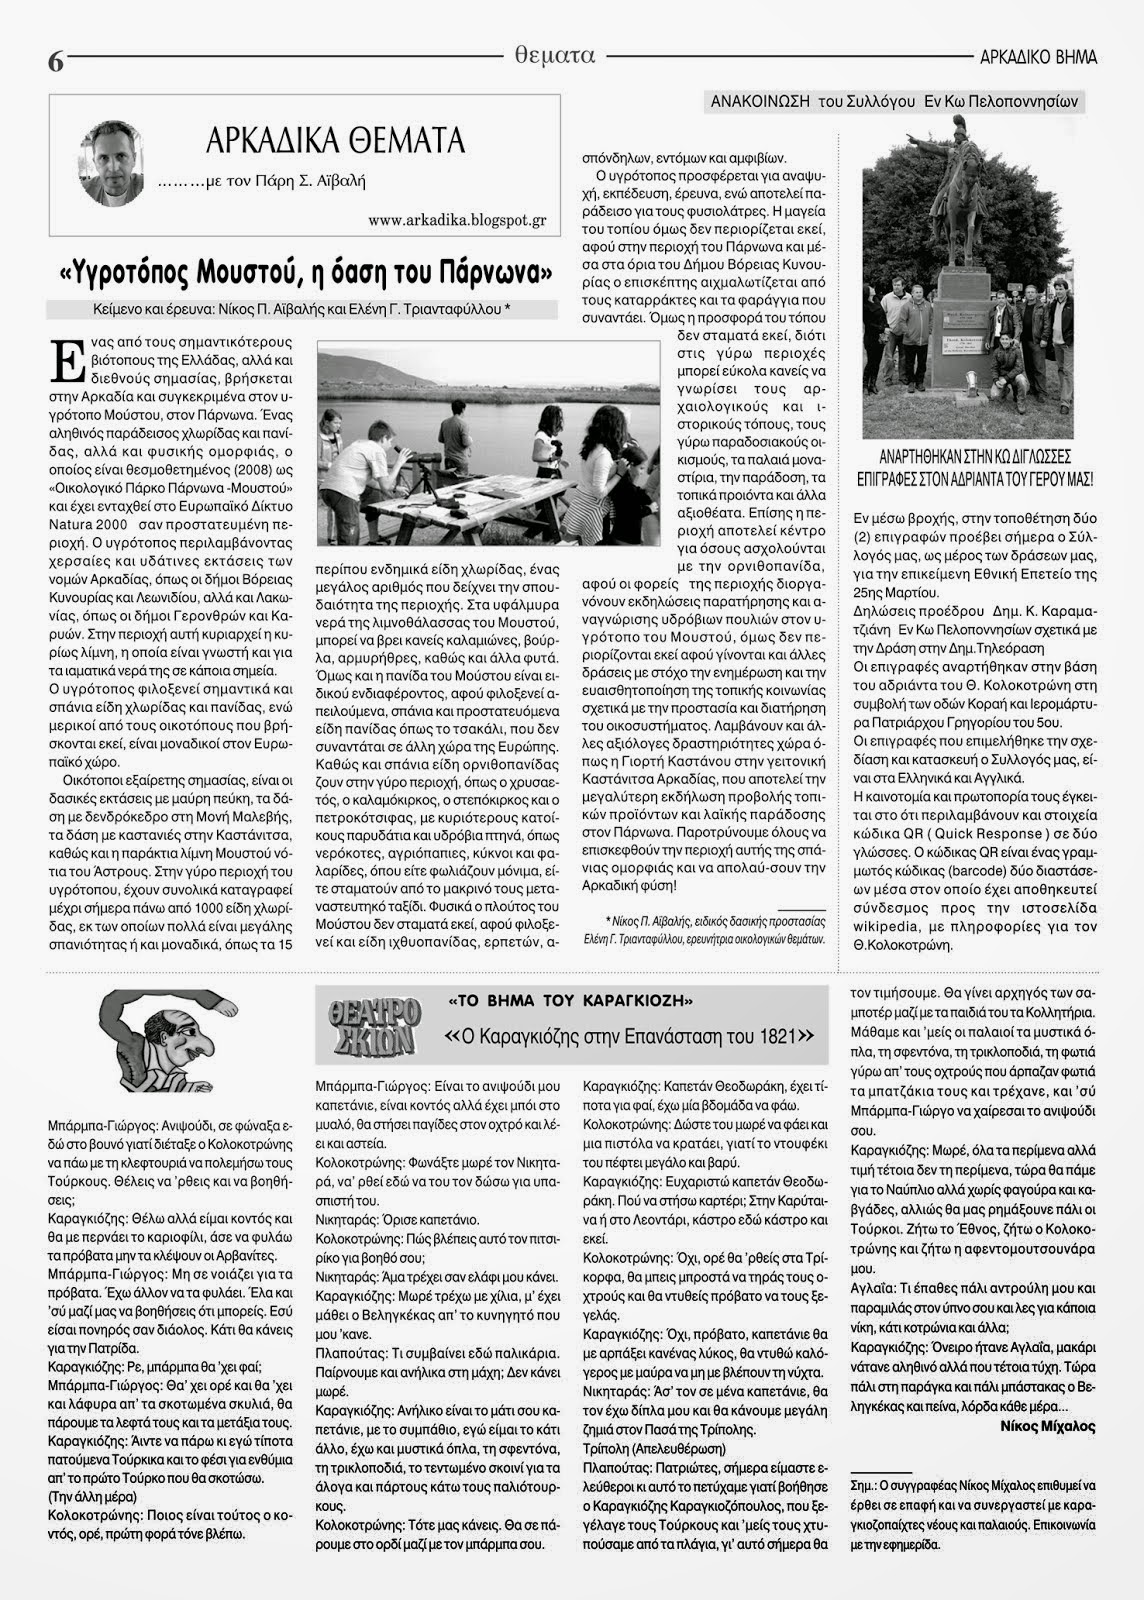 """""""ΑΡΚΑΔΙΚΟ ΒΗΜΑ"""" Υγρότοπος  Μουστού, η όαση του Πάρνωνα"""